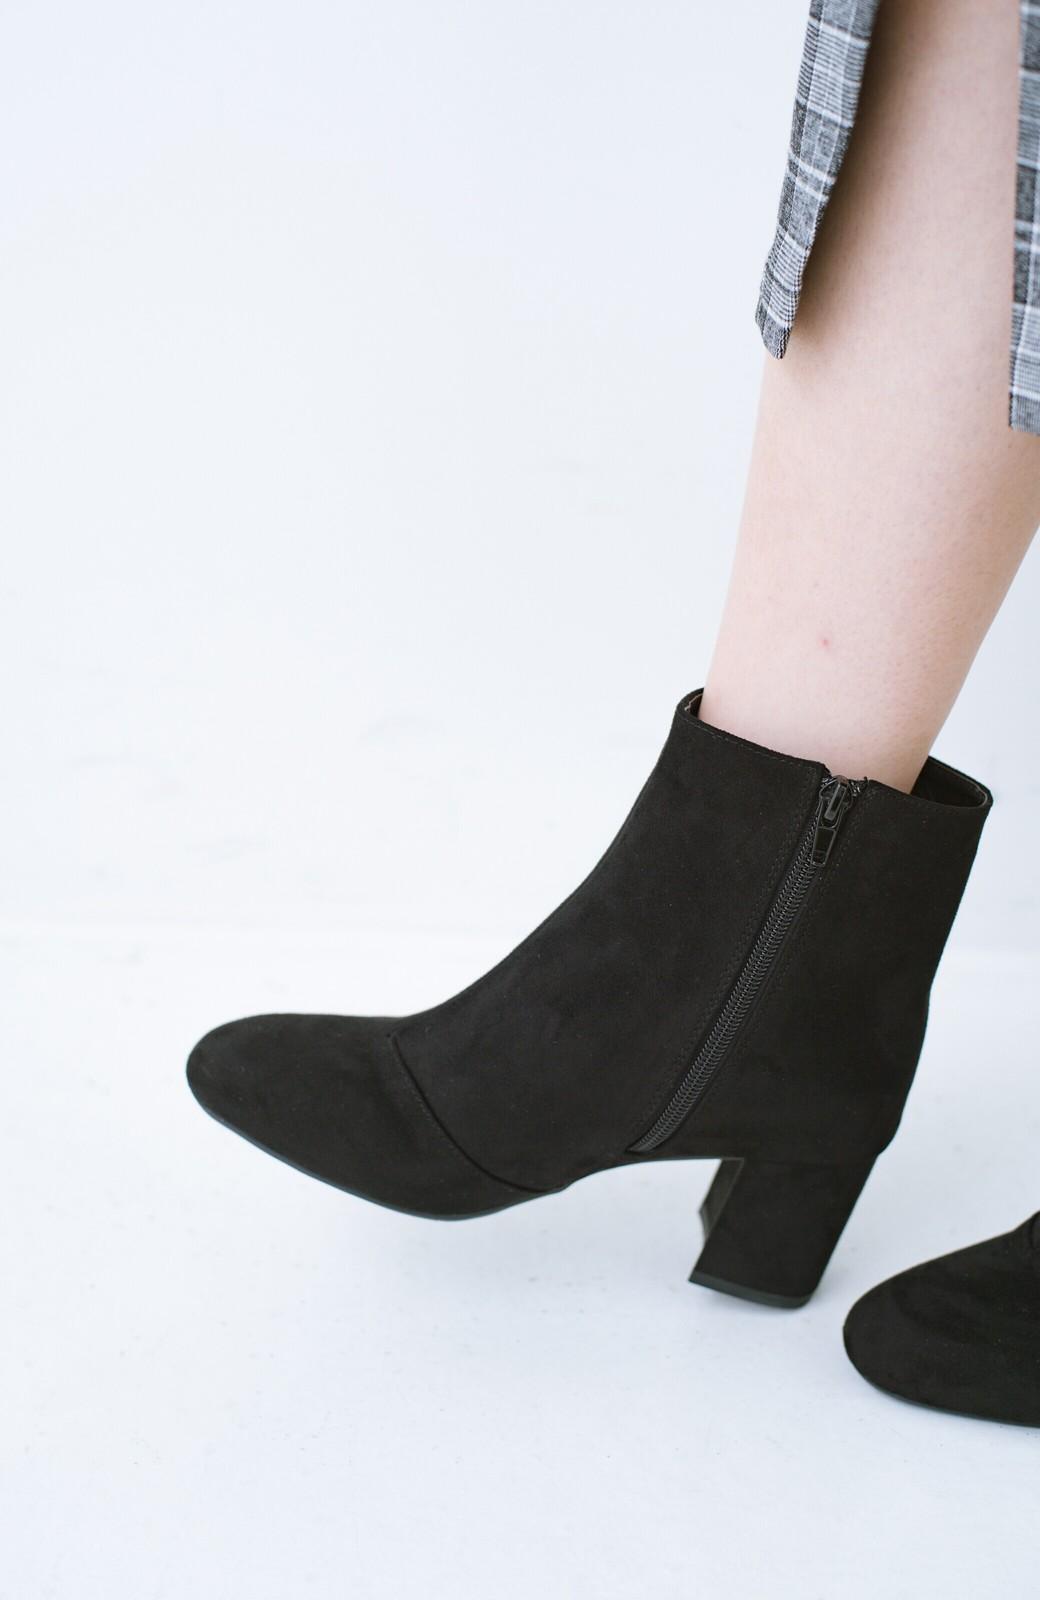 haco! パッと履いてスッときれいな女っぽブーツ <ブラック>の商品写真8